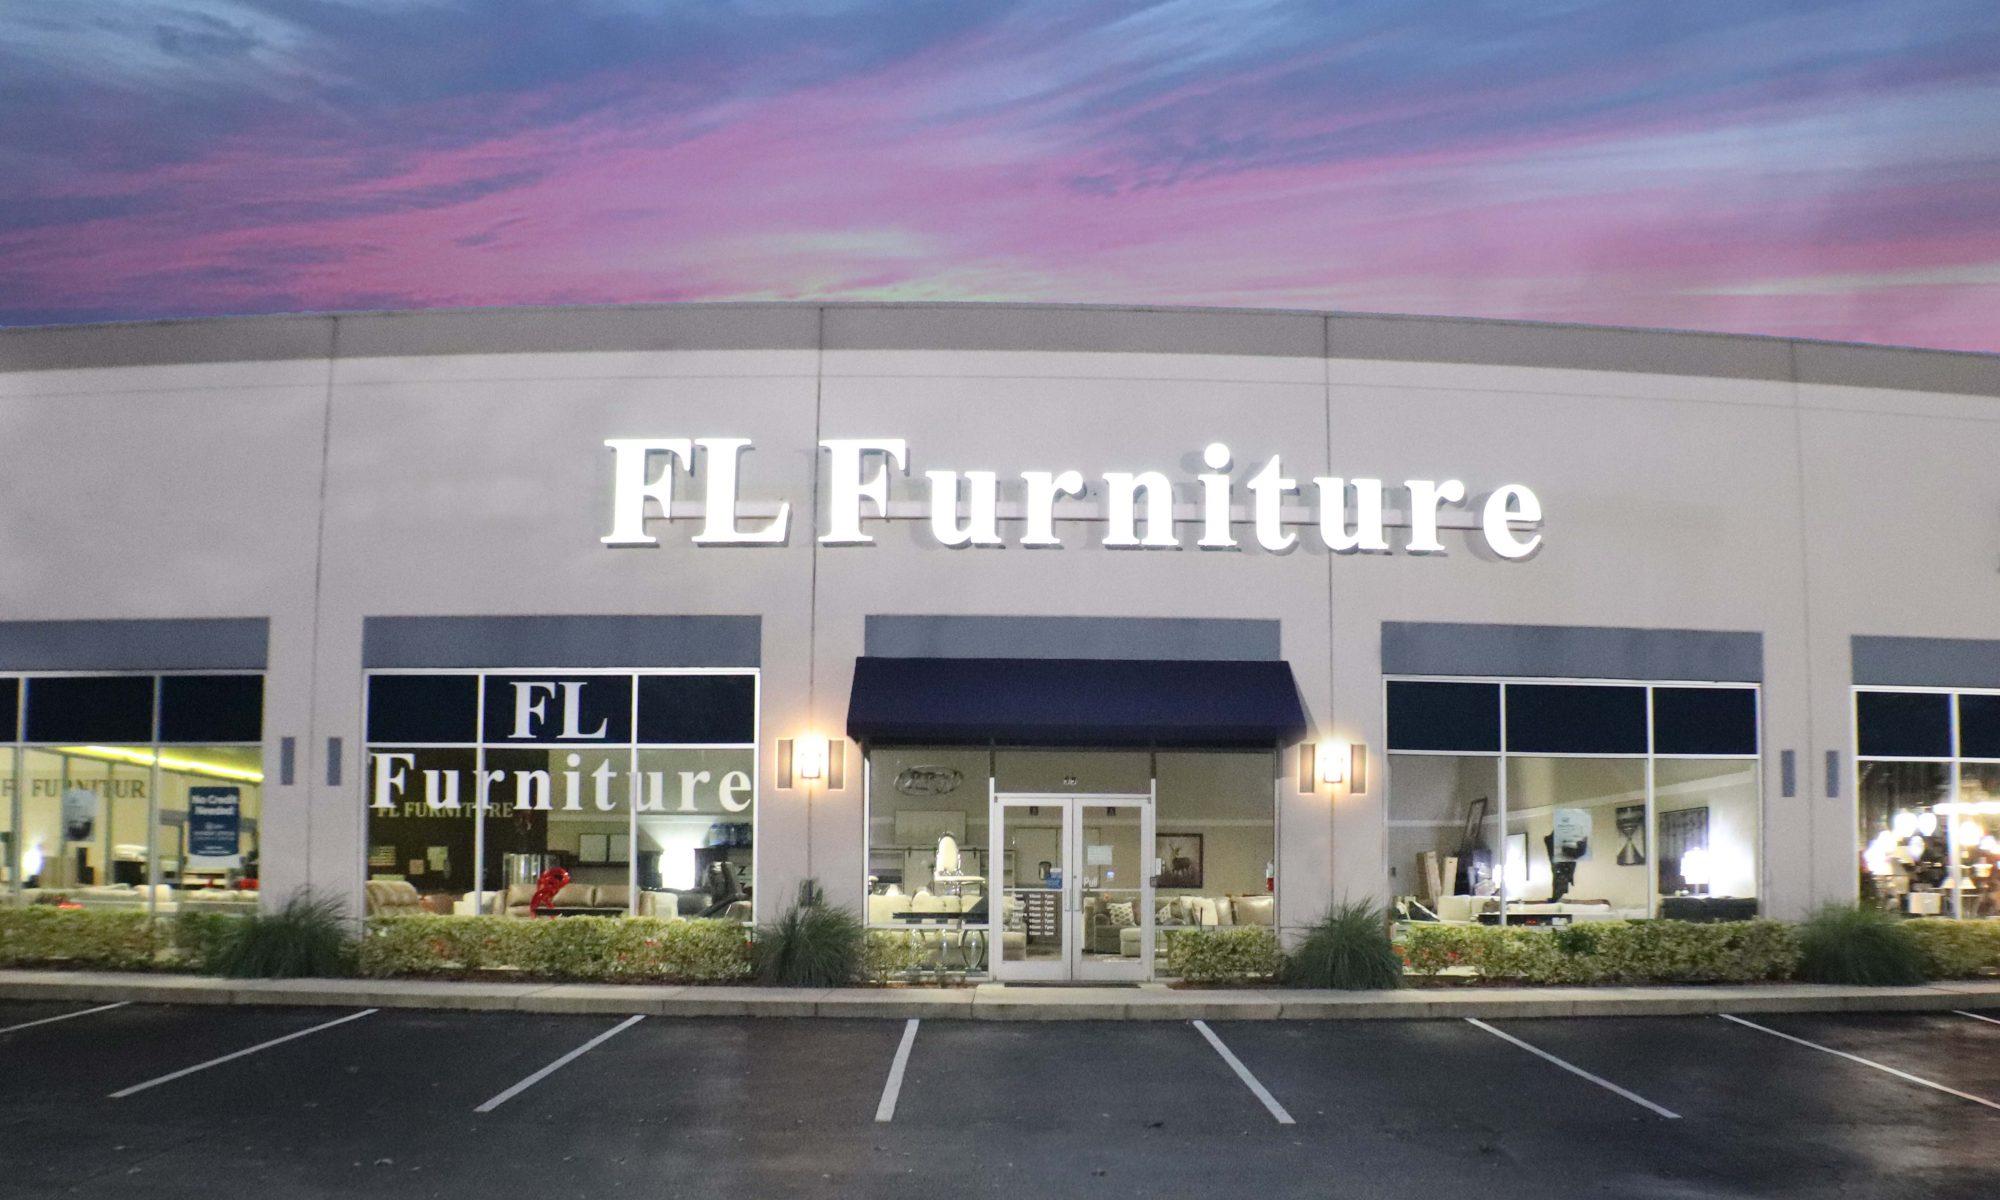 FL Furniture